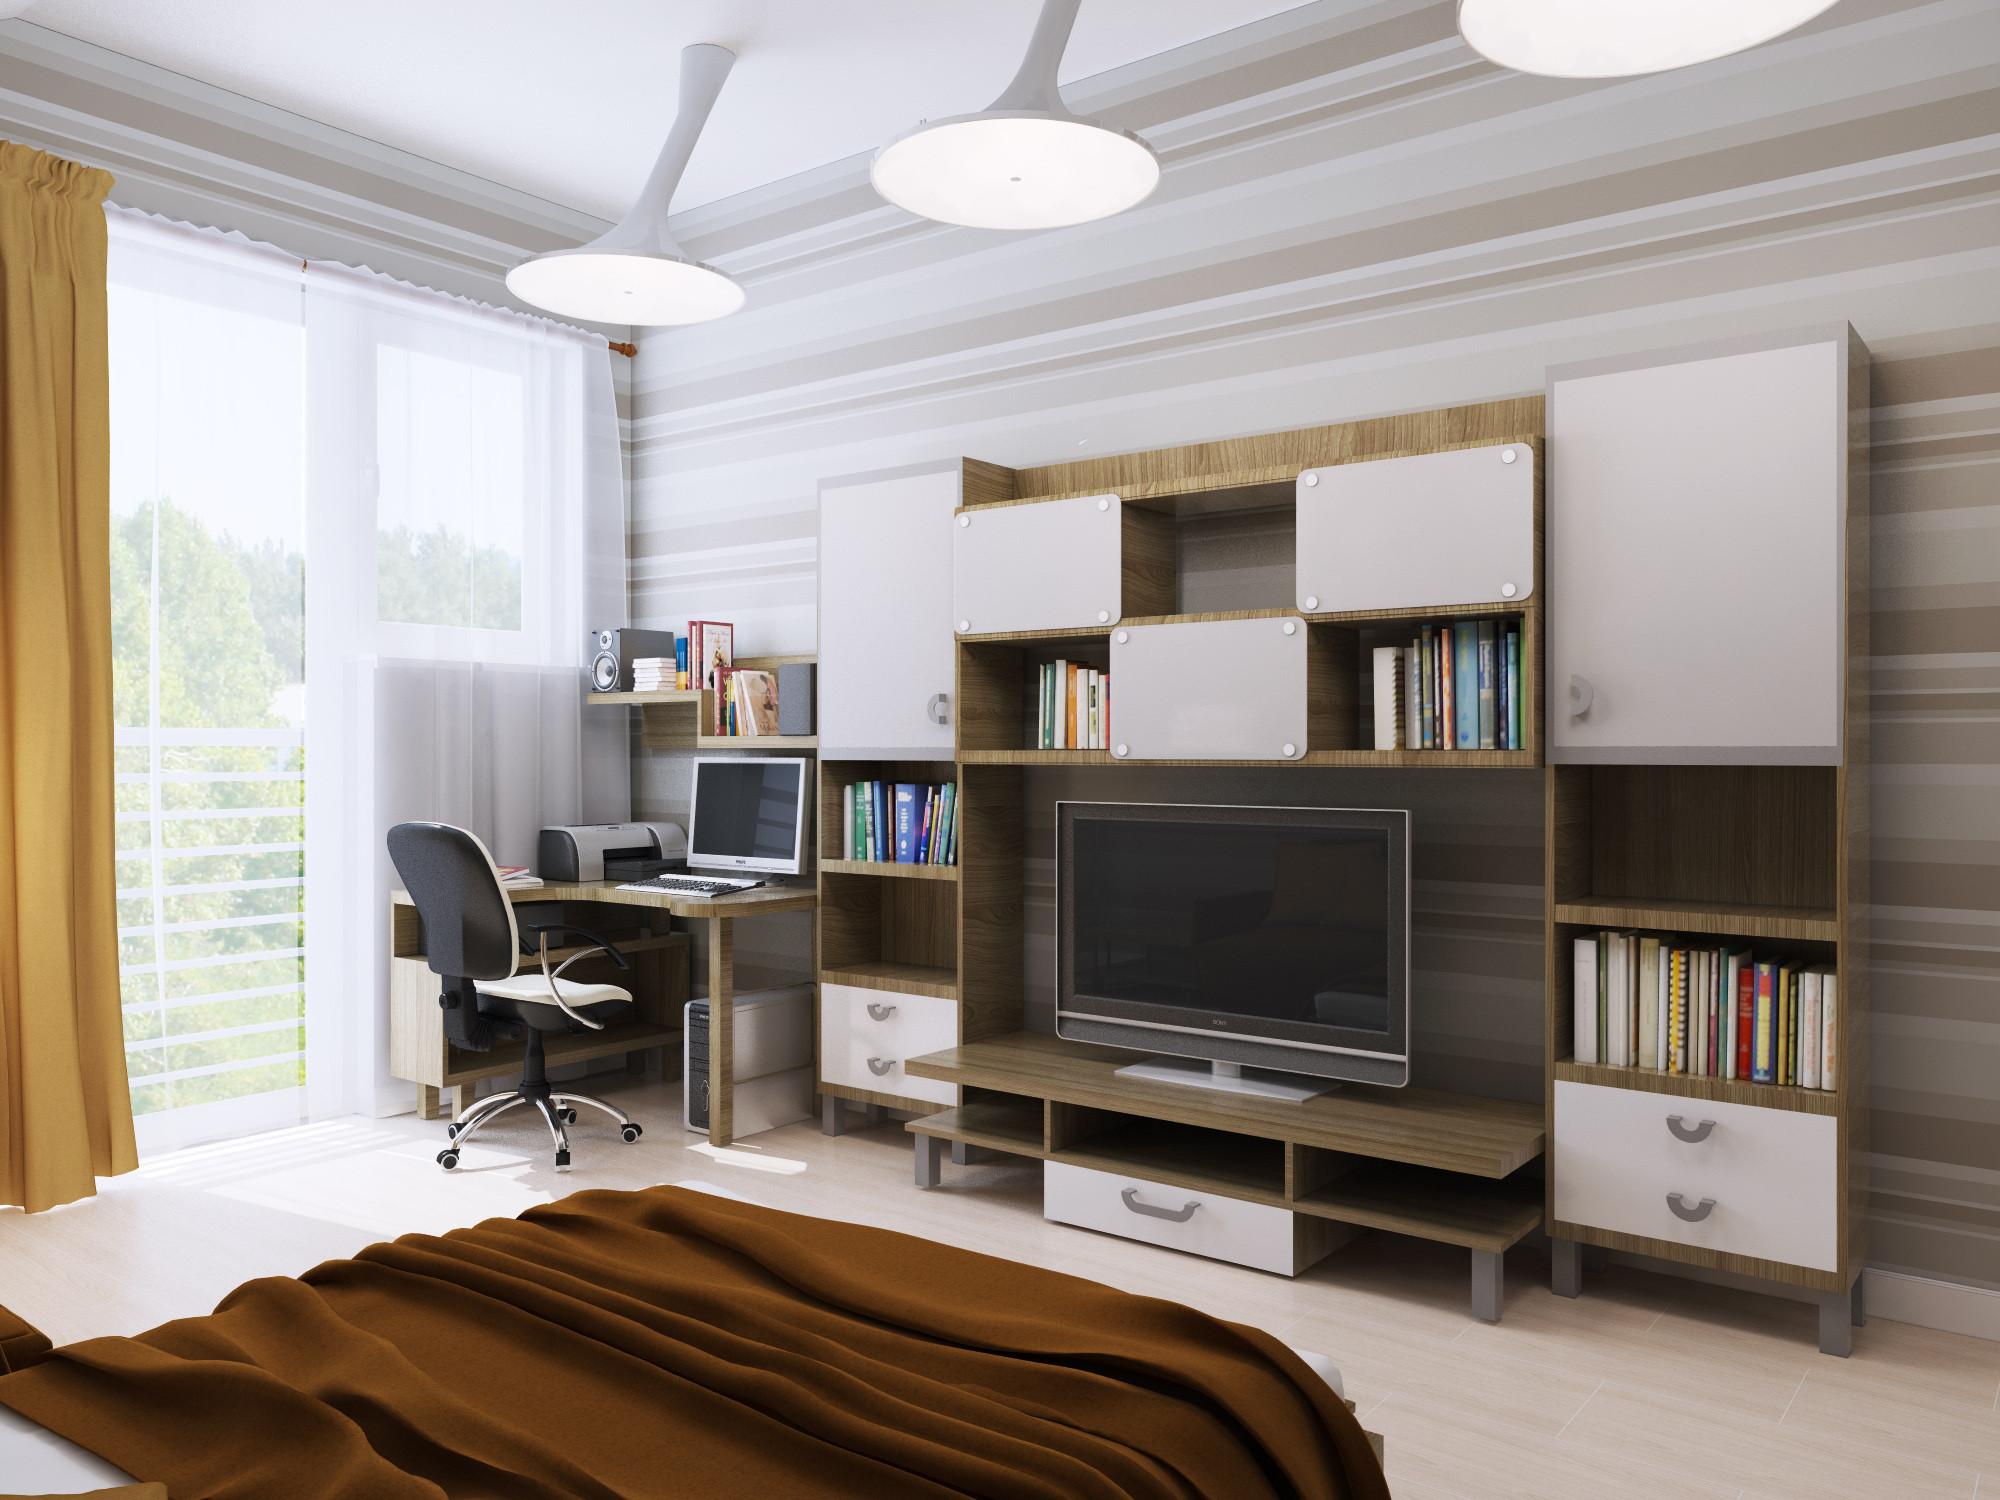 Interior teenage room2.jpg